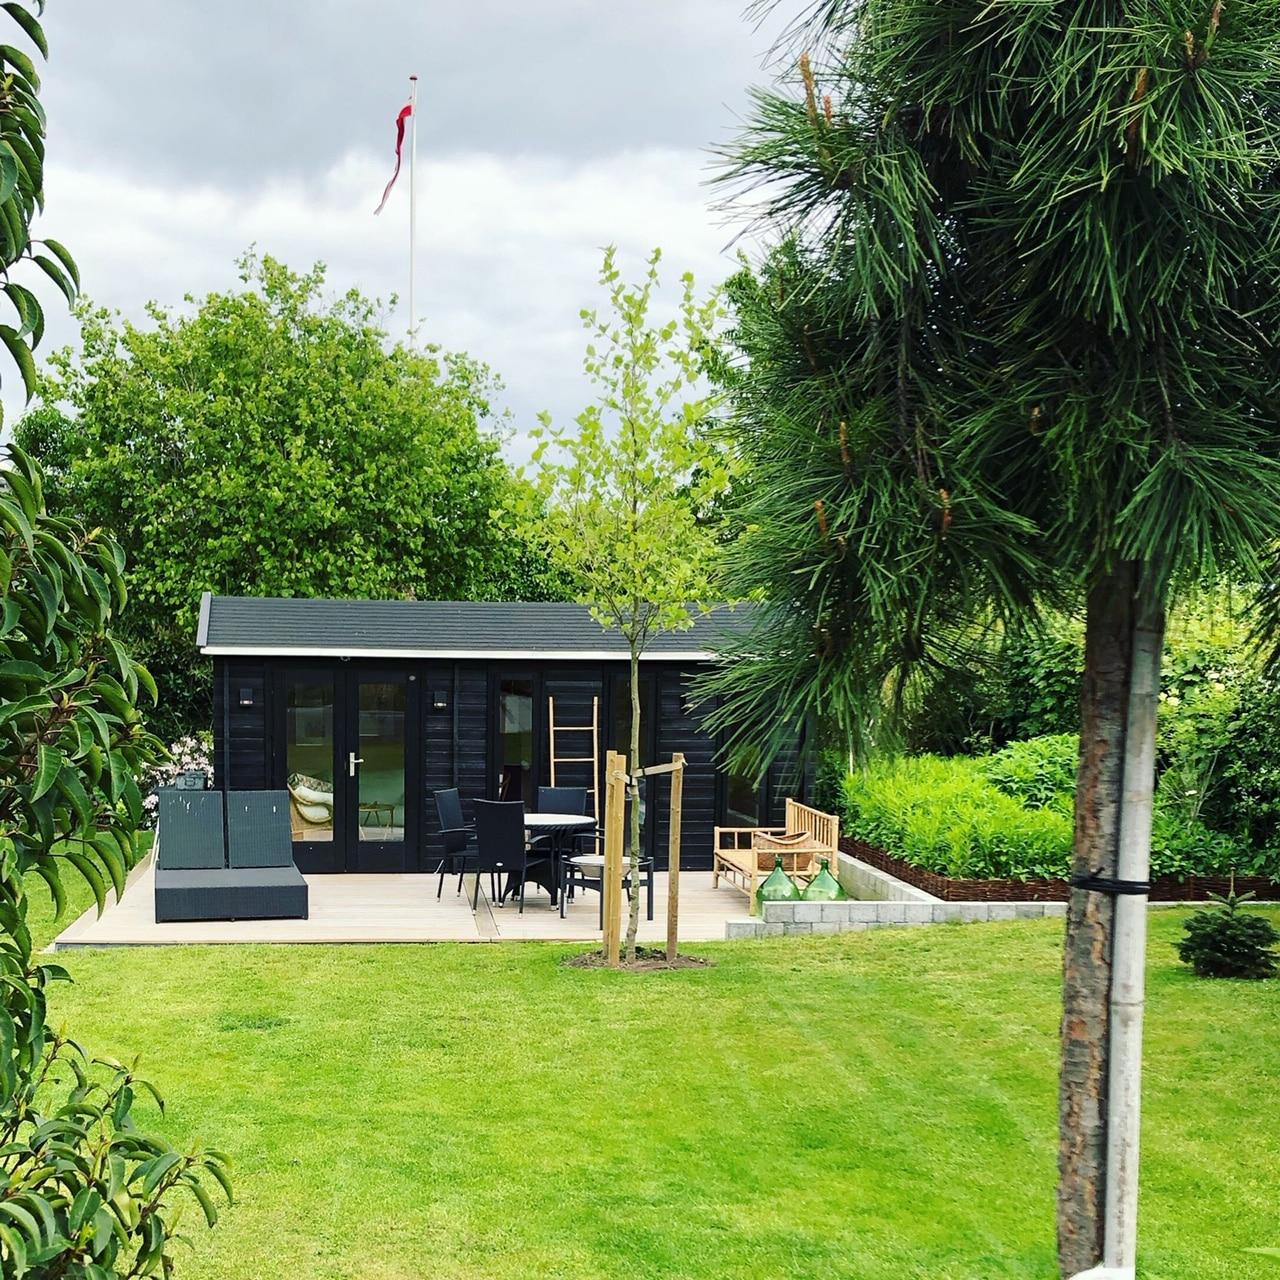 Dette smukke havehus er venligst indsendt af karin du kan se alle træhytterne hos www.sølundhuse.dk